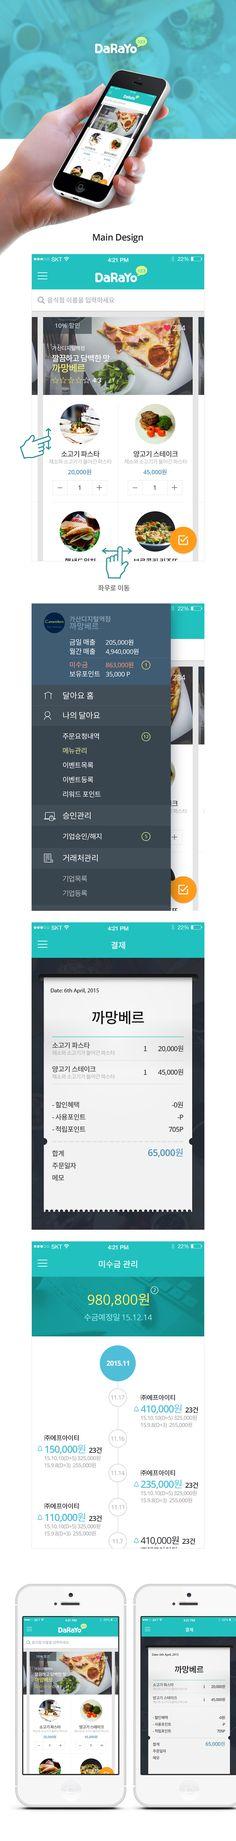 #앱디자인 #android #ui #관리앱 #darayo #디자인 #디자이너 #라우드소싱 #레퍼런스 #app #design DARAYO 앱디자인 dndkfk44님의 작품이 우승작으로 선정되었습니다. Kiosk, Web Design, Android, Design Web, Website Designs, Site Design